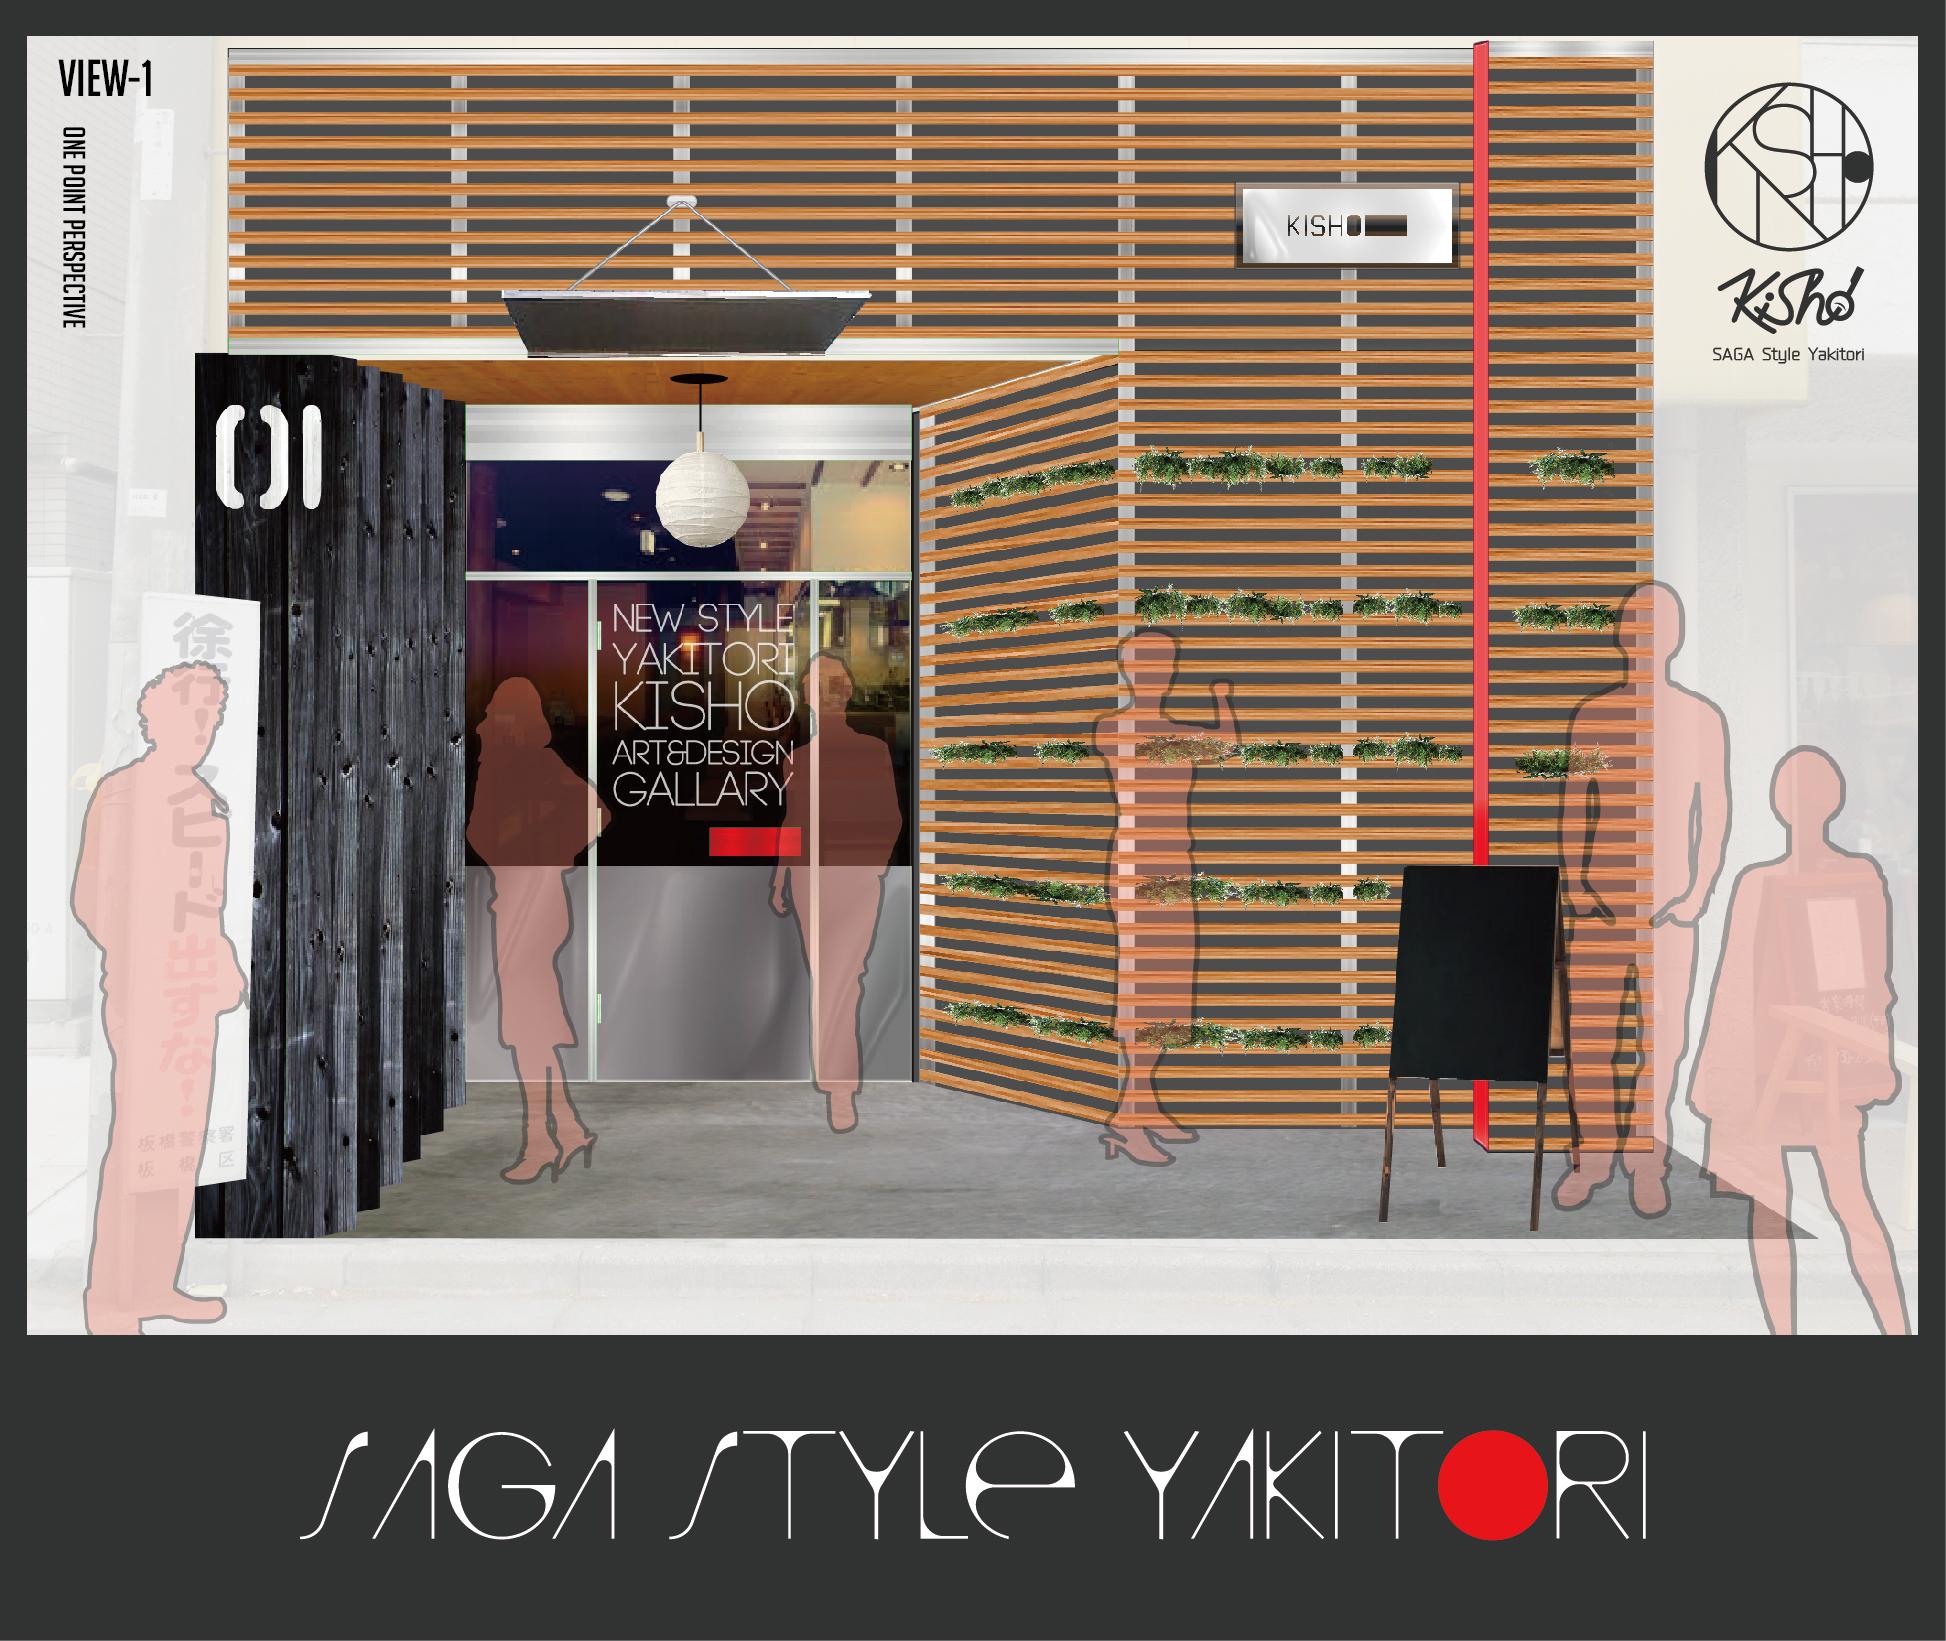 KiSho -Saga style YAKITORI-